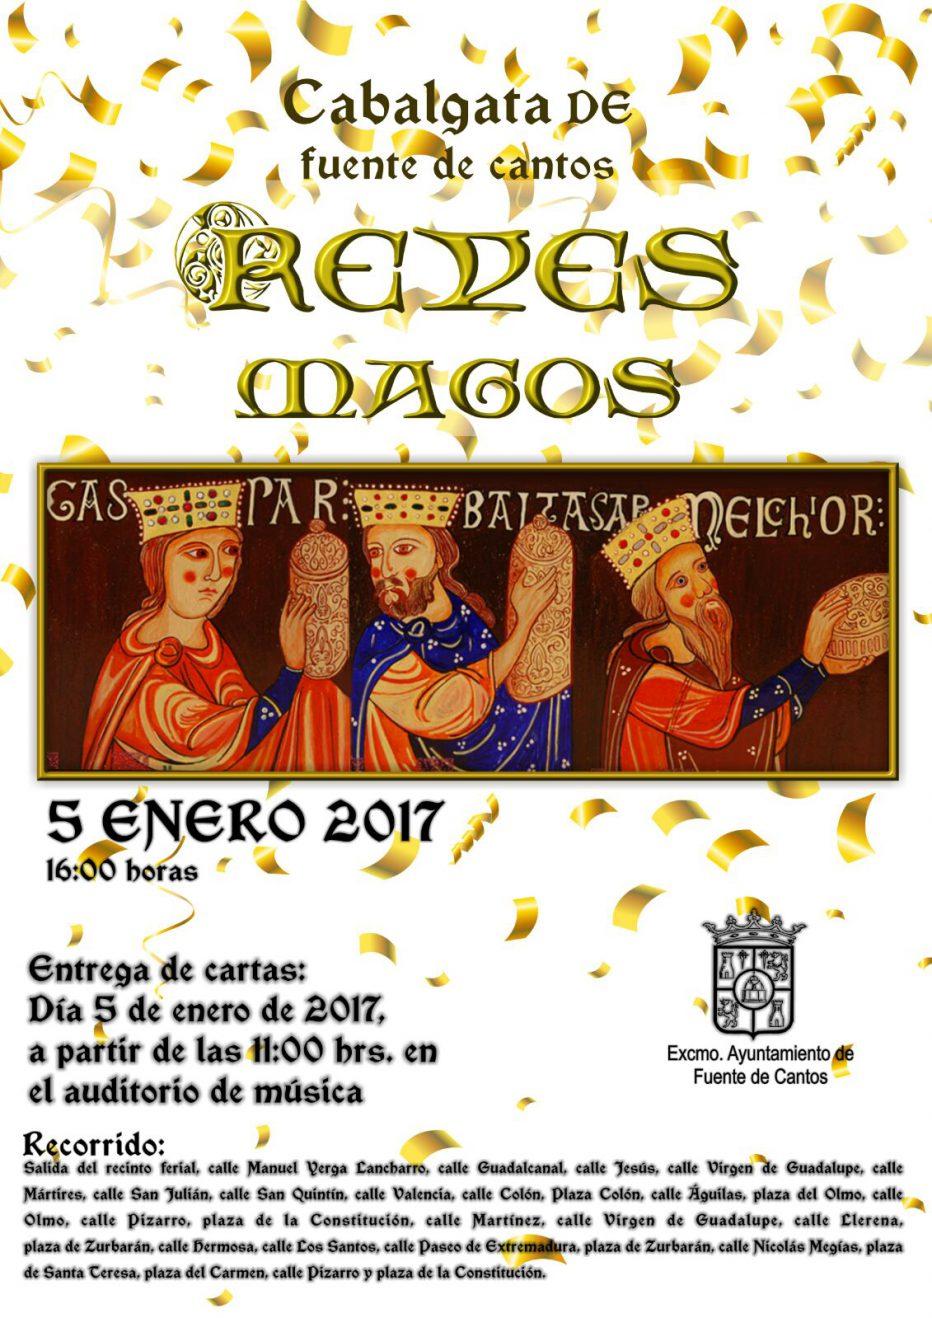 Cartel de Reyes Magos 2017